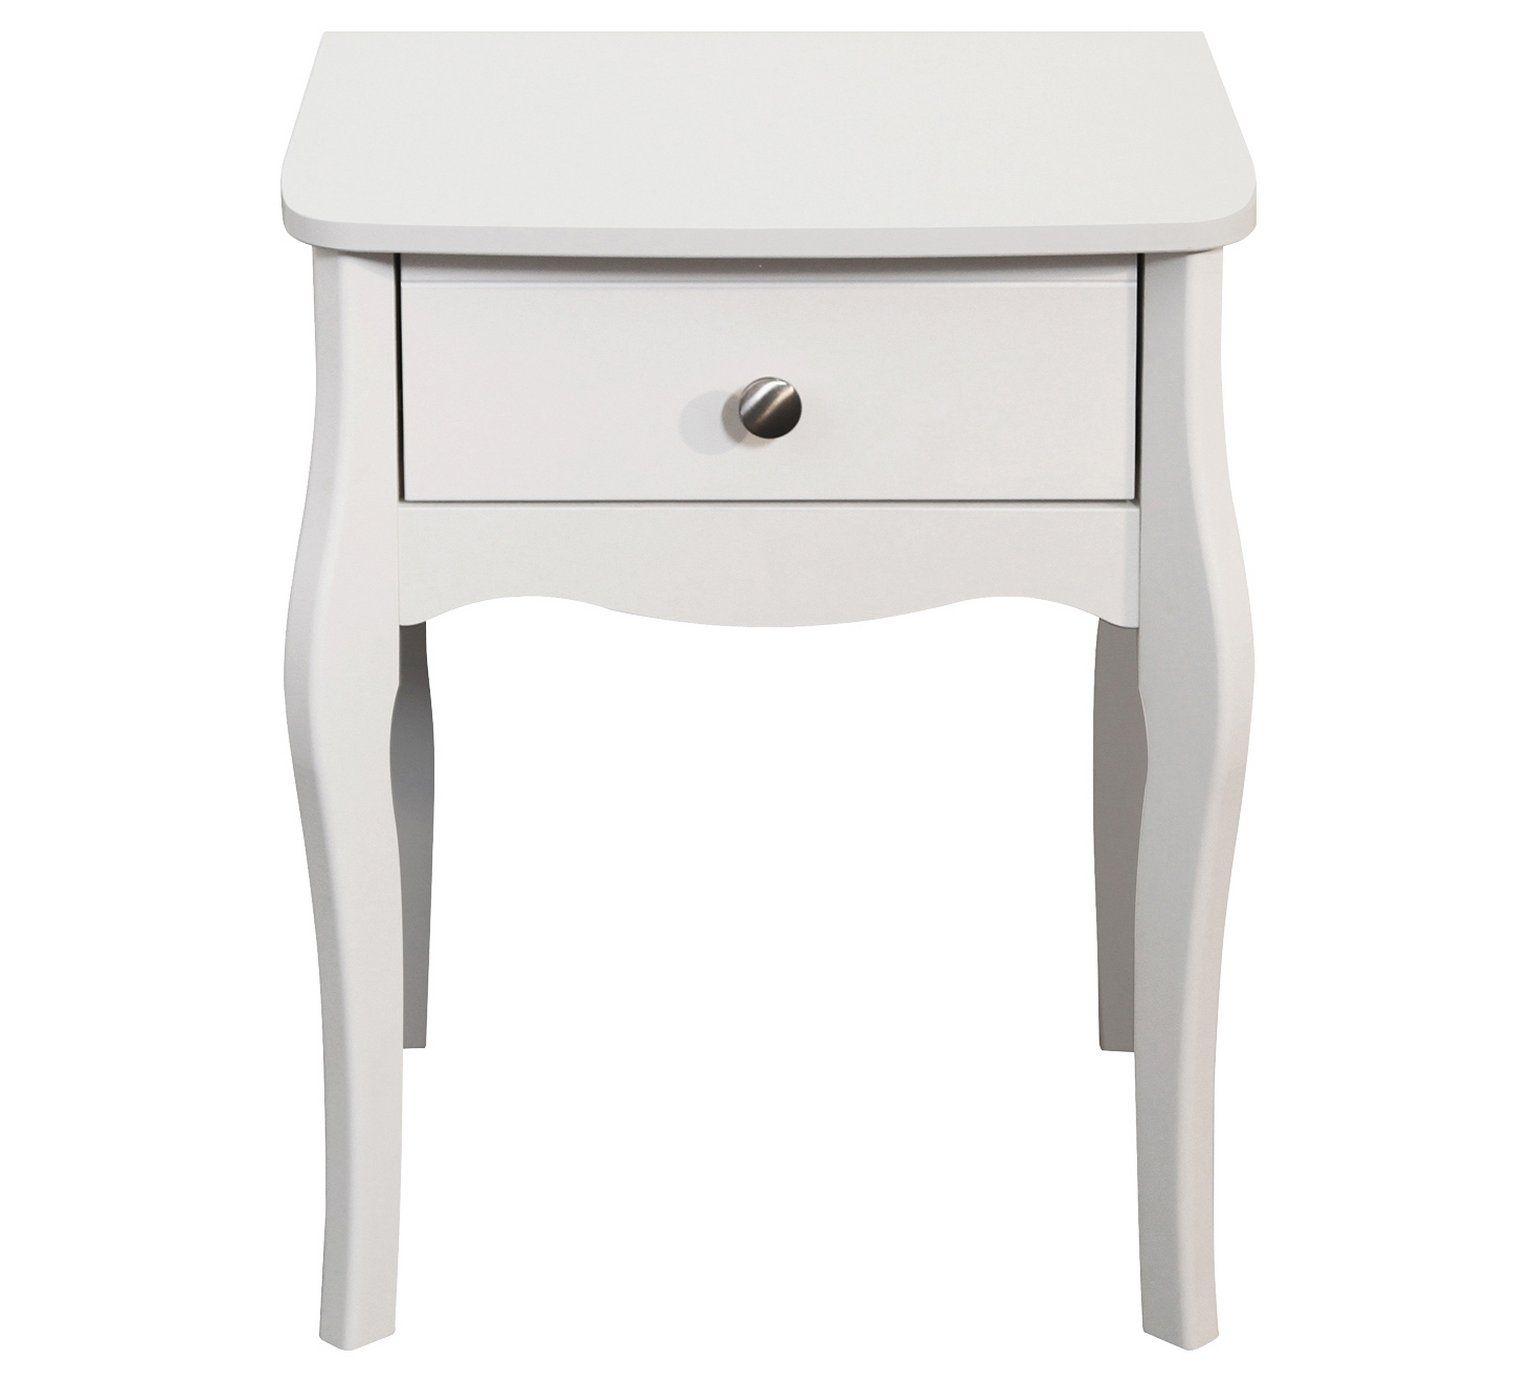 Buy Argos Home Amelie 1 Drawer Bedside Table White Bedside Tables White Nightstand Nightstand White Bedside Cabinets